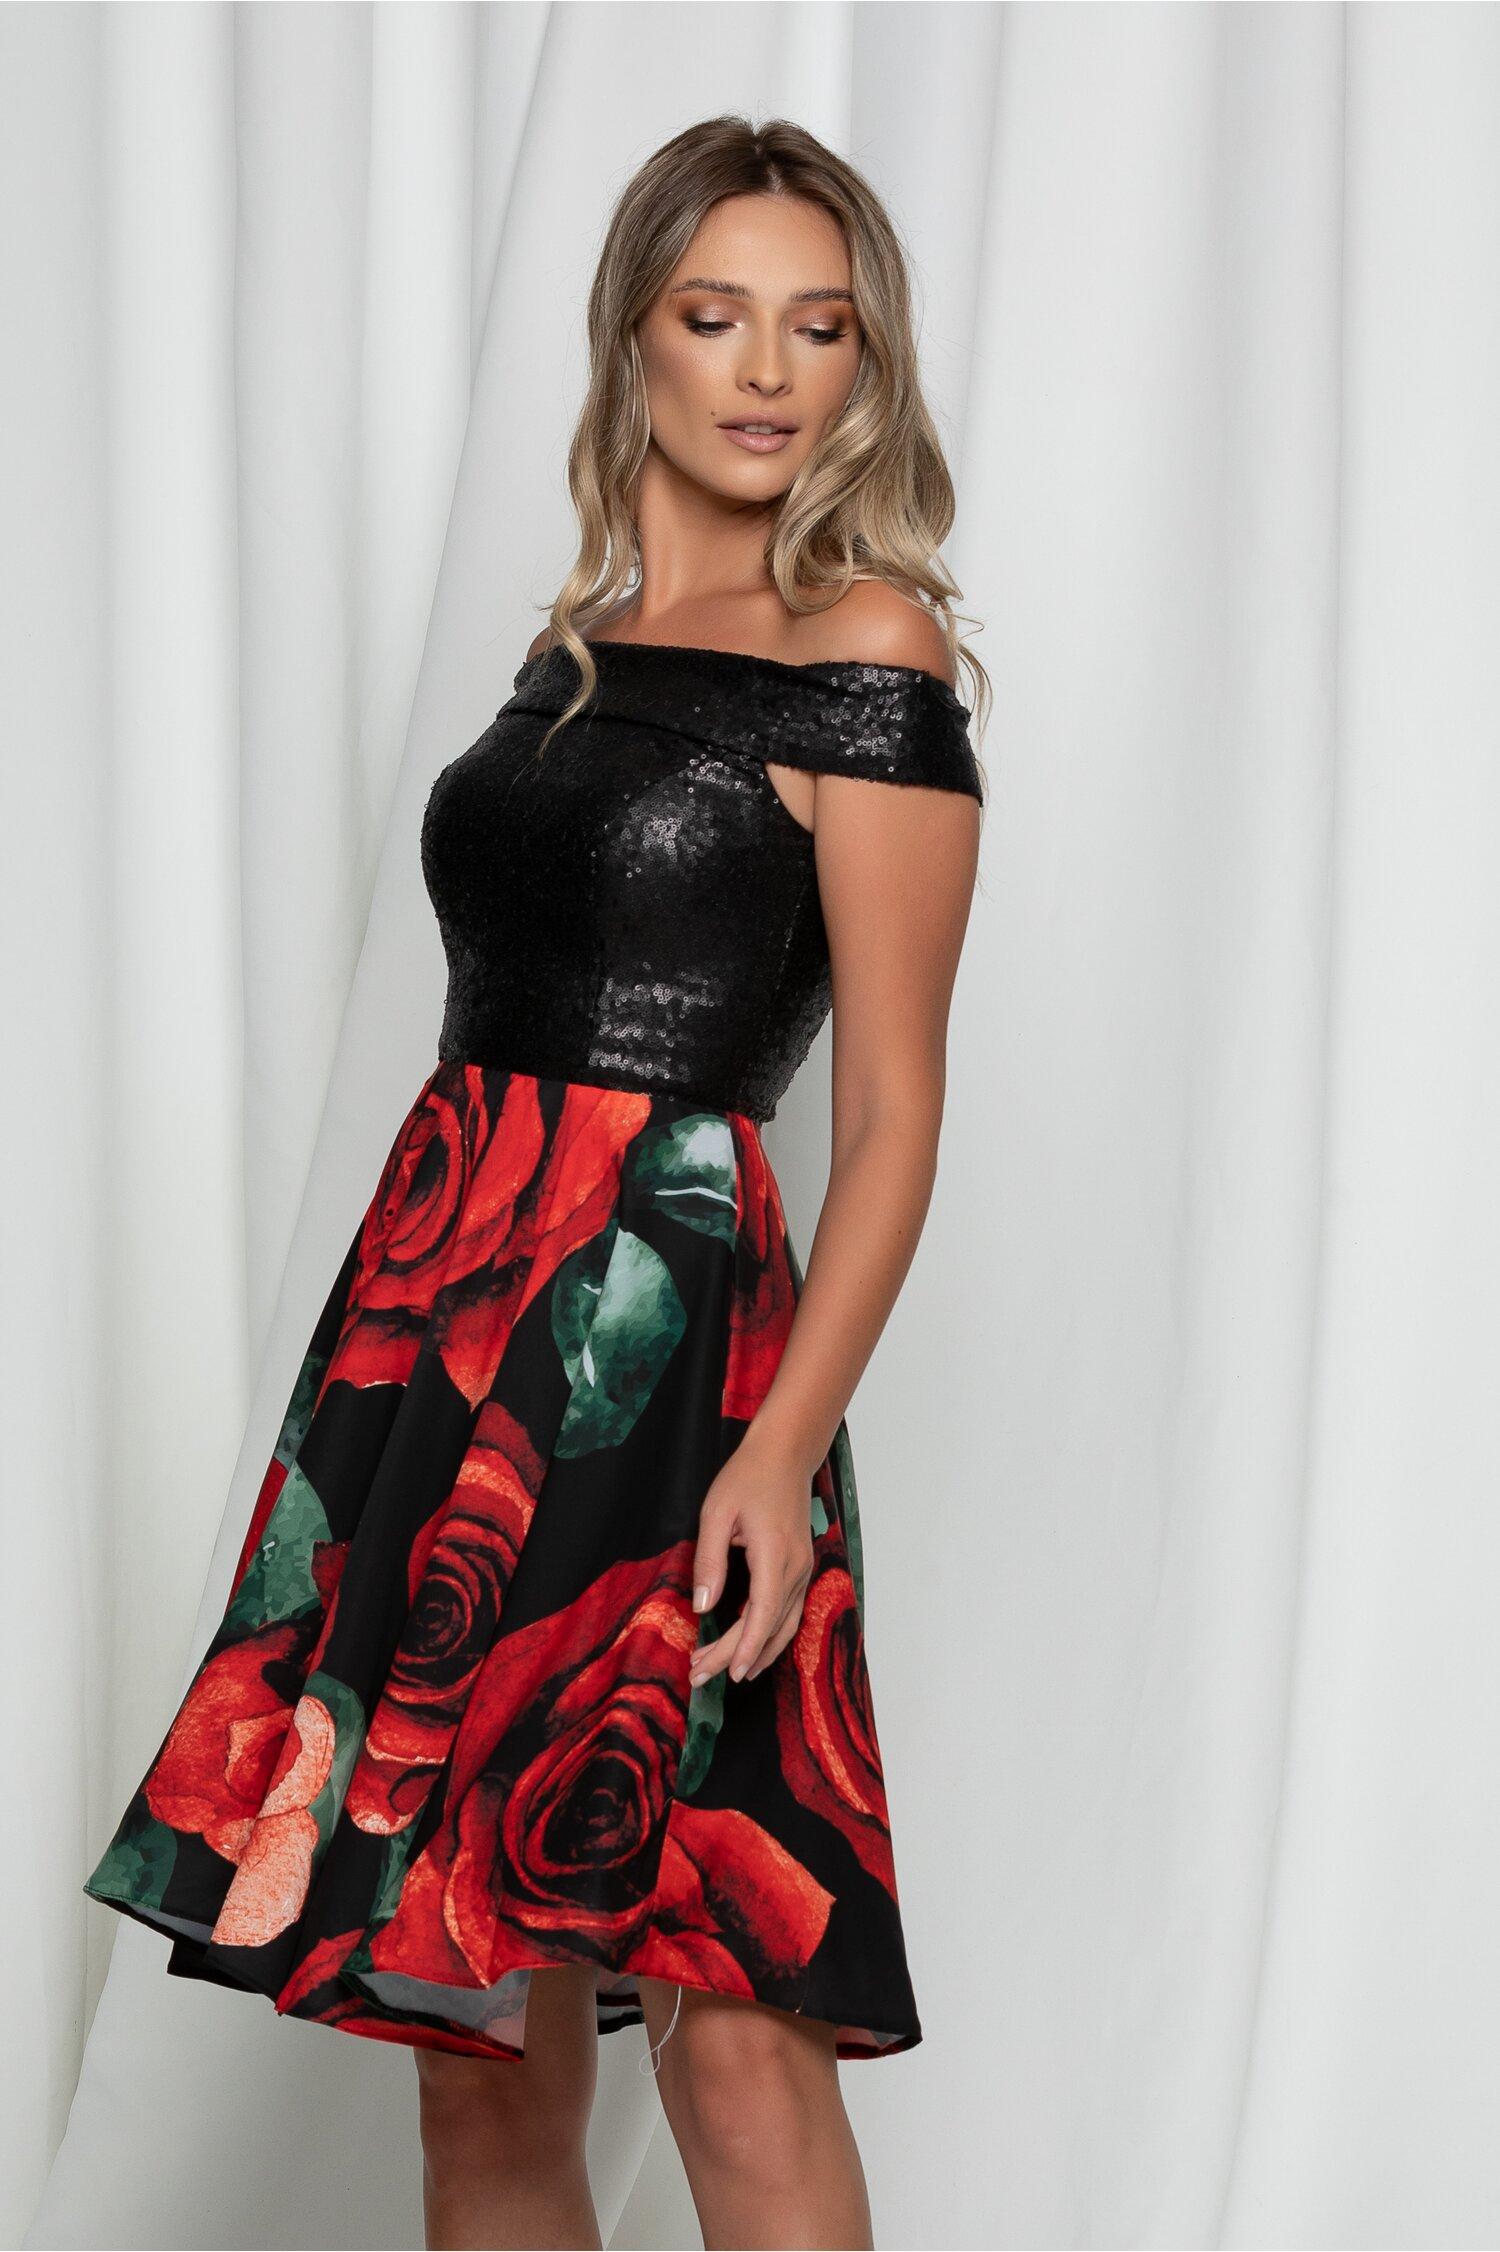 Rochie Rona neagra cu bust din paiete si flori rosii pe fusta